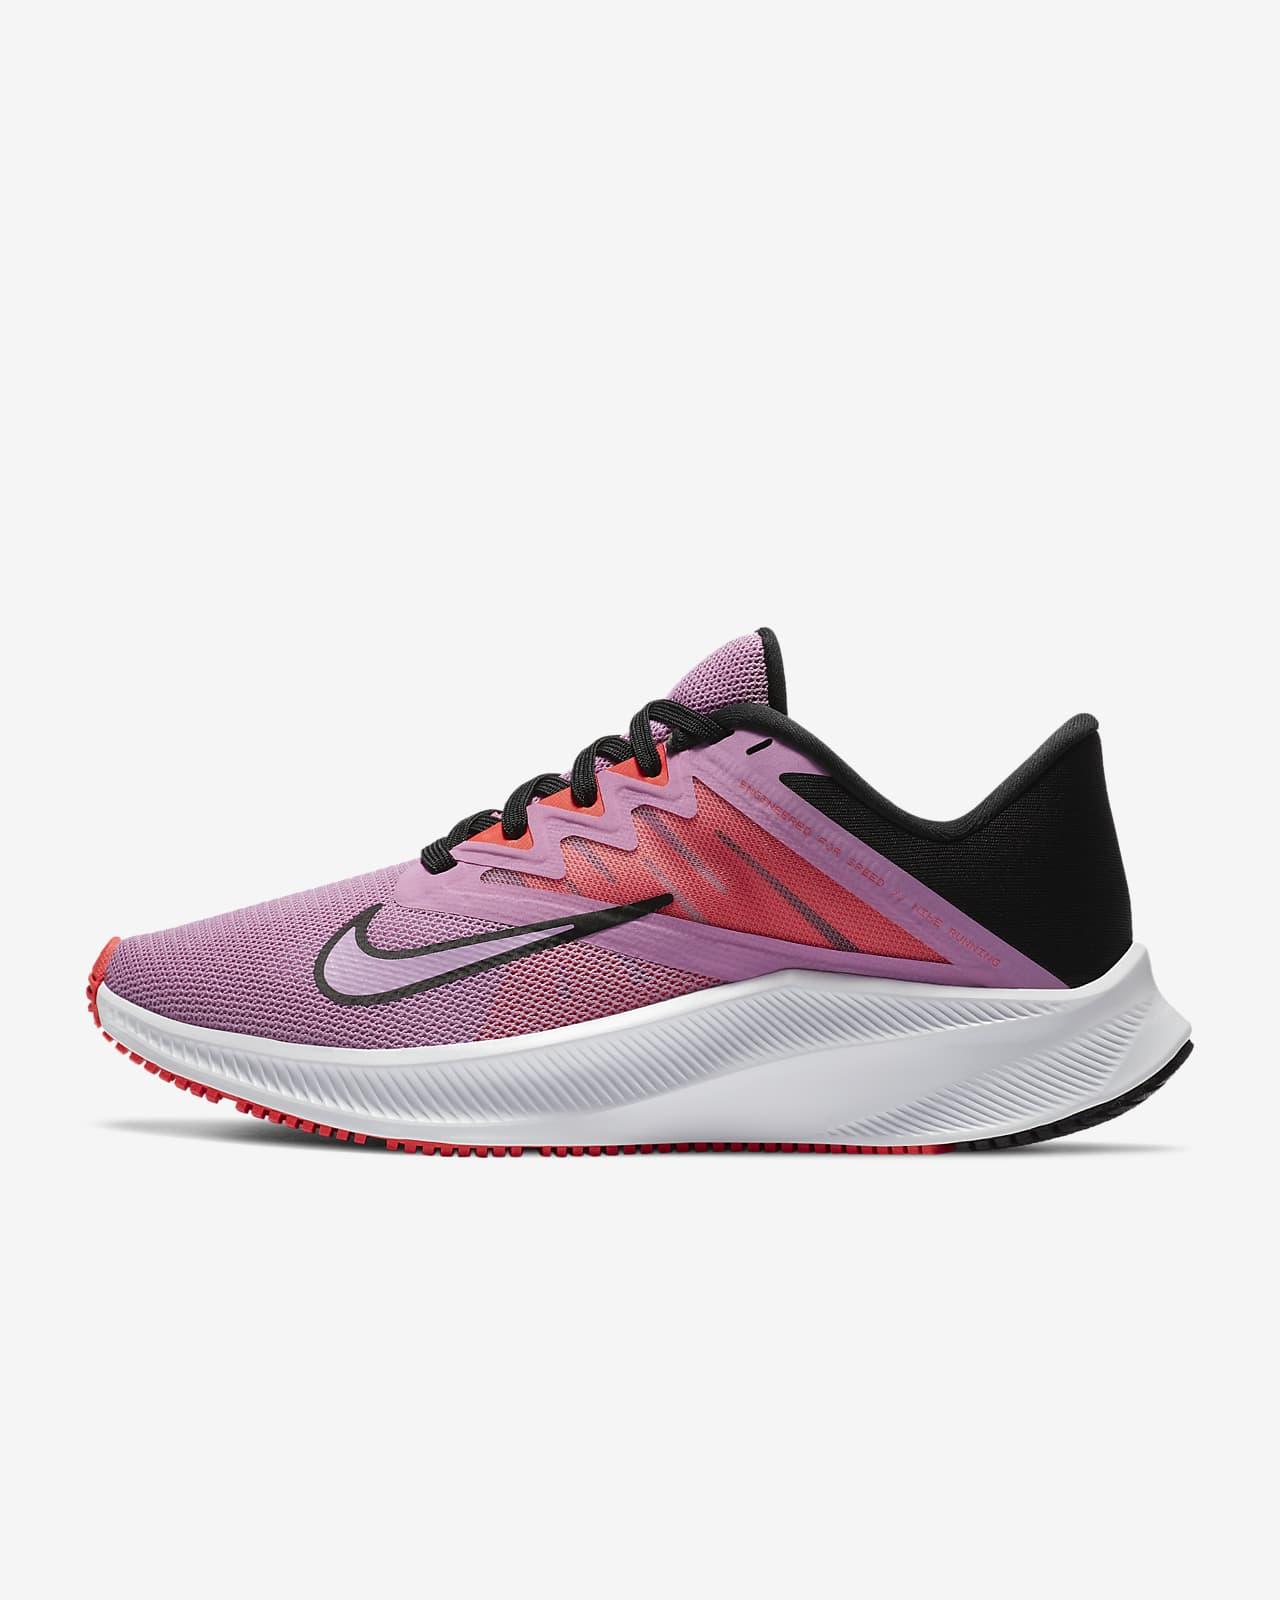 Nike Quest 3 Women's Running Shoe. Nike LU